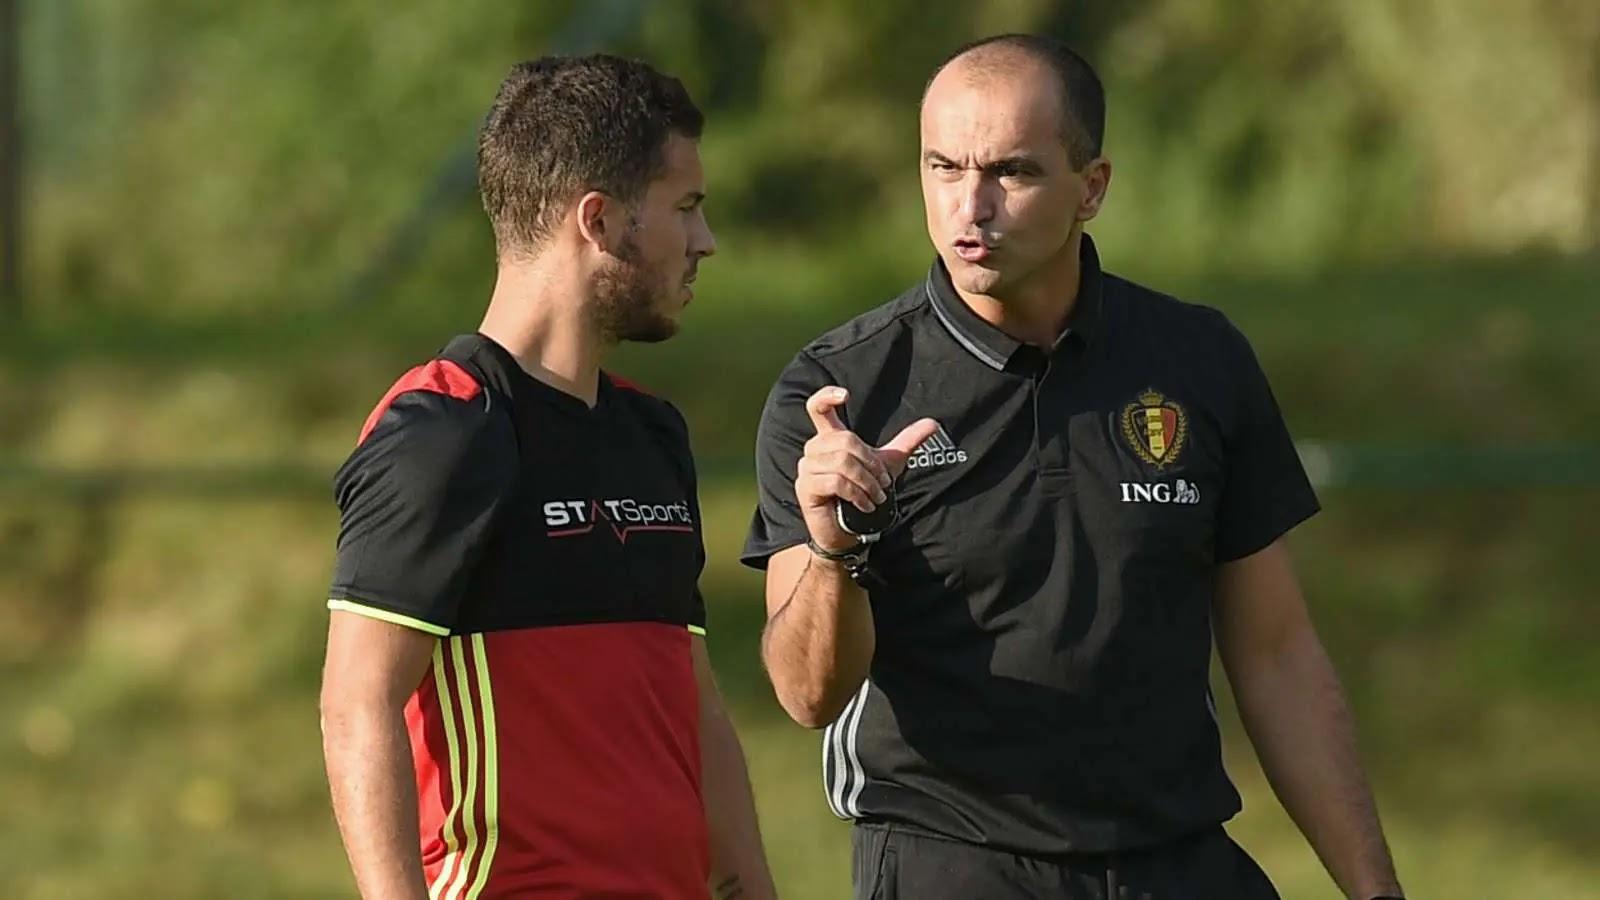 Belgium coach defends Hazard: Bad luck